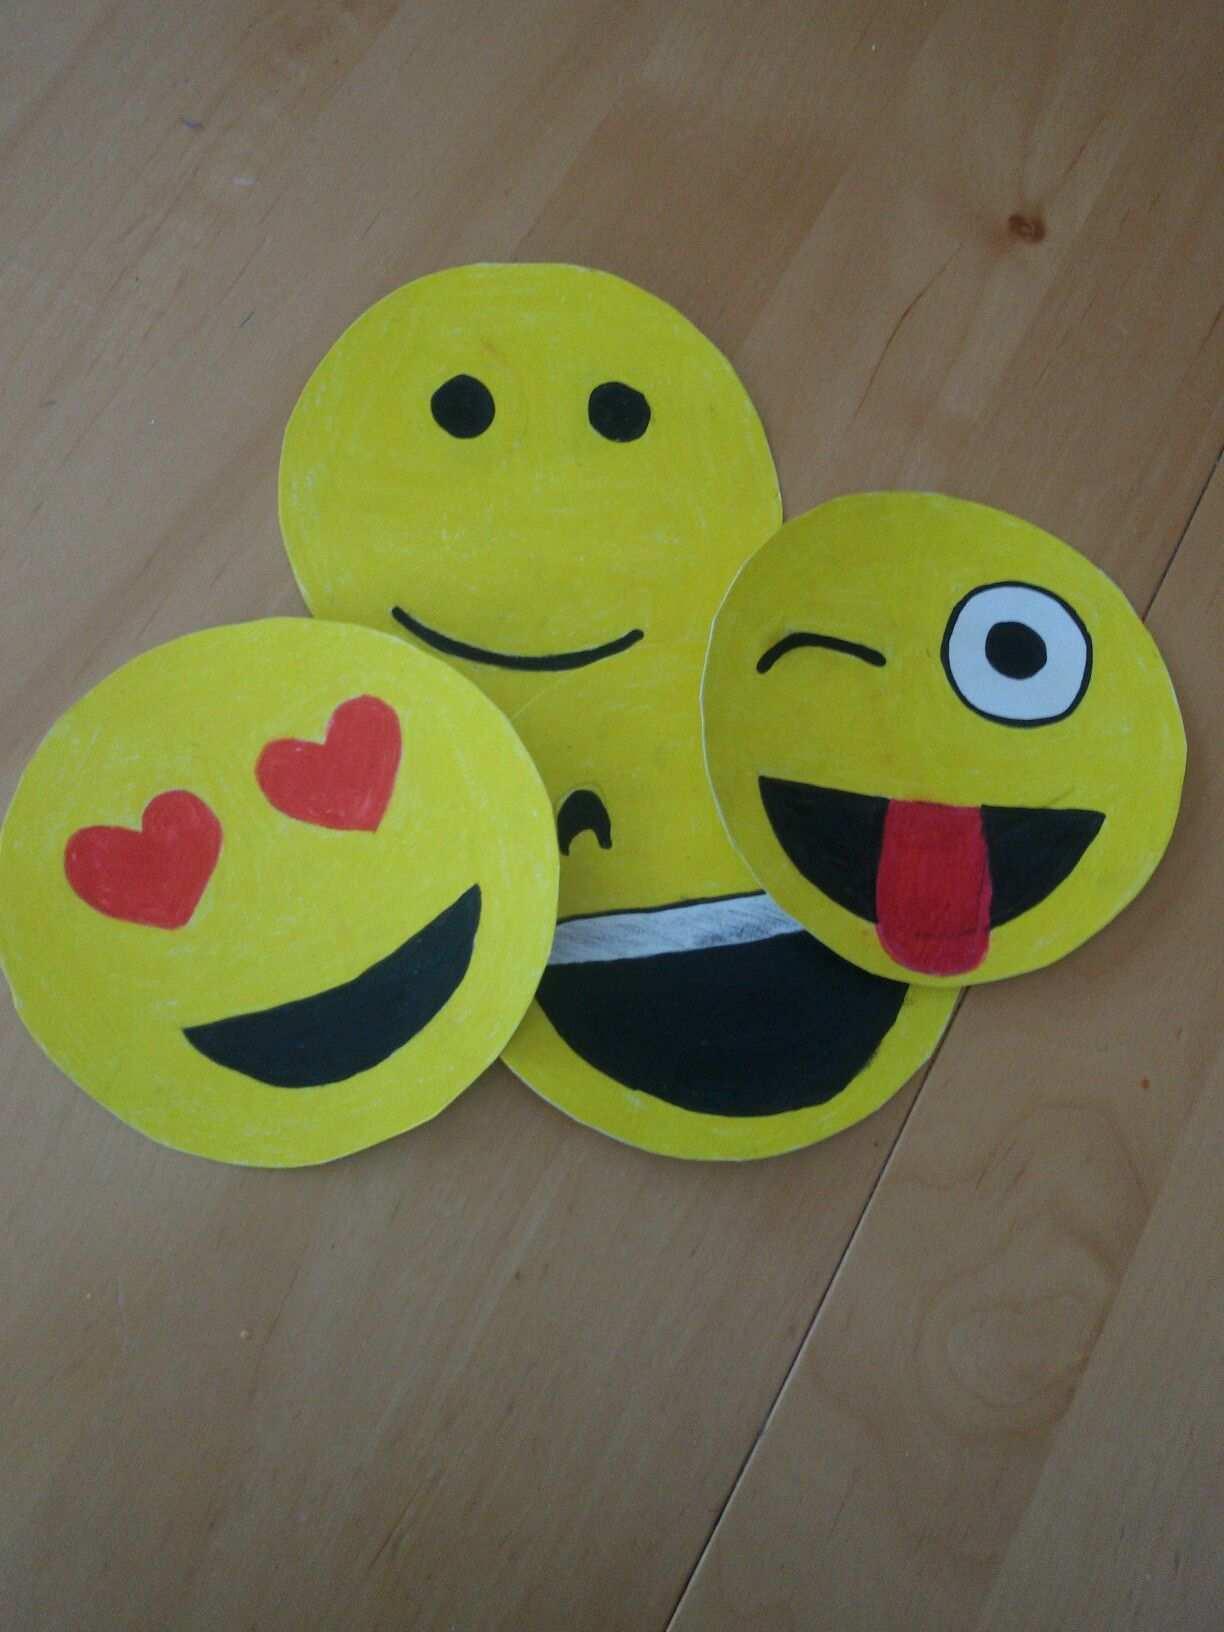 Einladung Whatsapp Smileys Kinder Basteln Mit Naturmaterialien Einladungskarten Basteln Kinder Geburtstagsideen